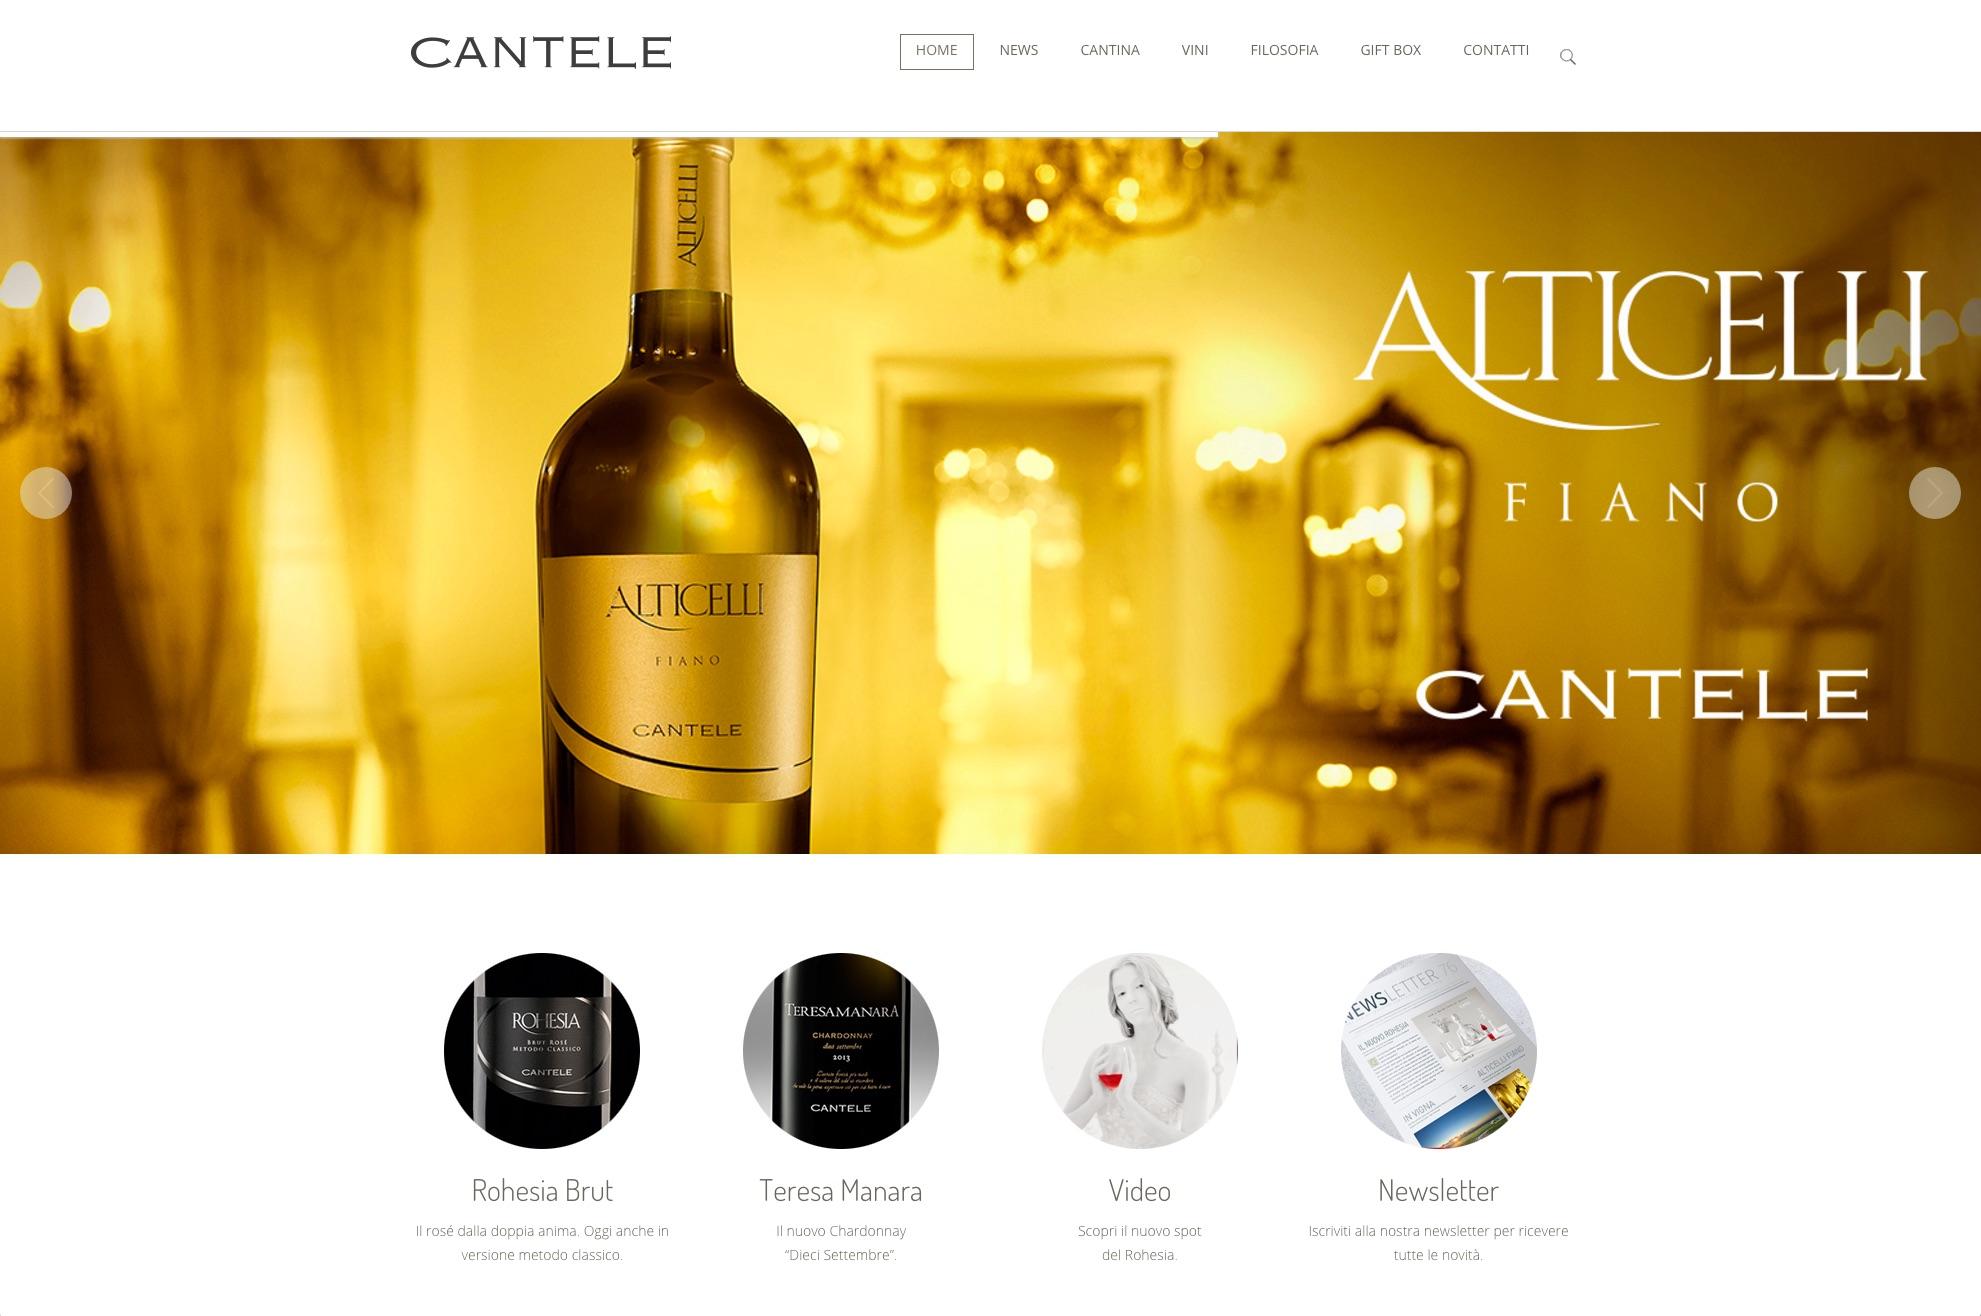 Cantele_1_2015